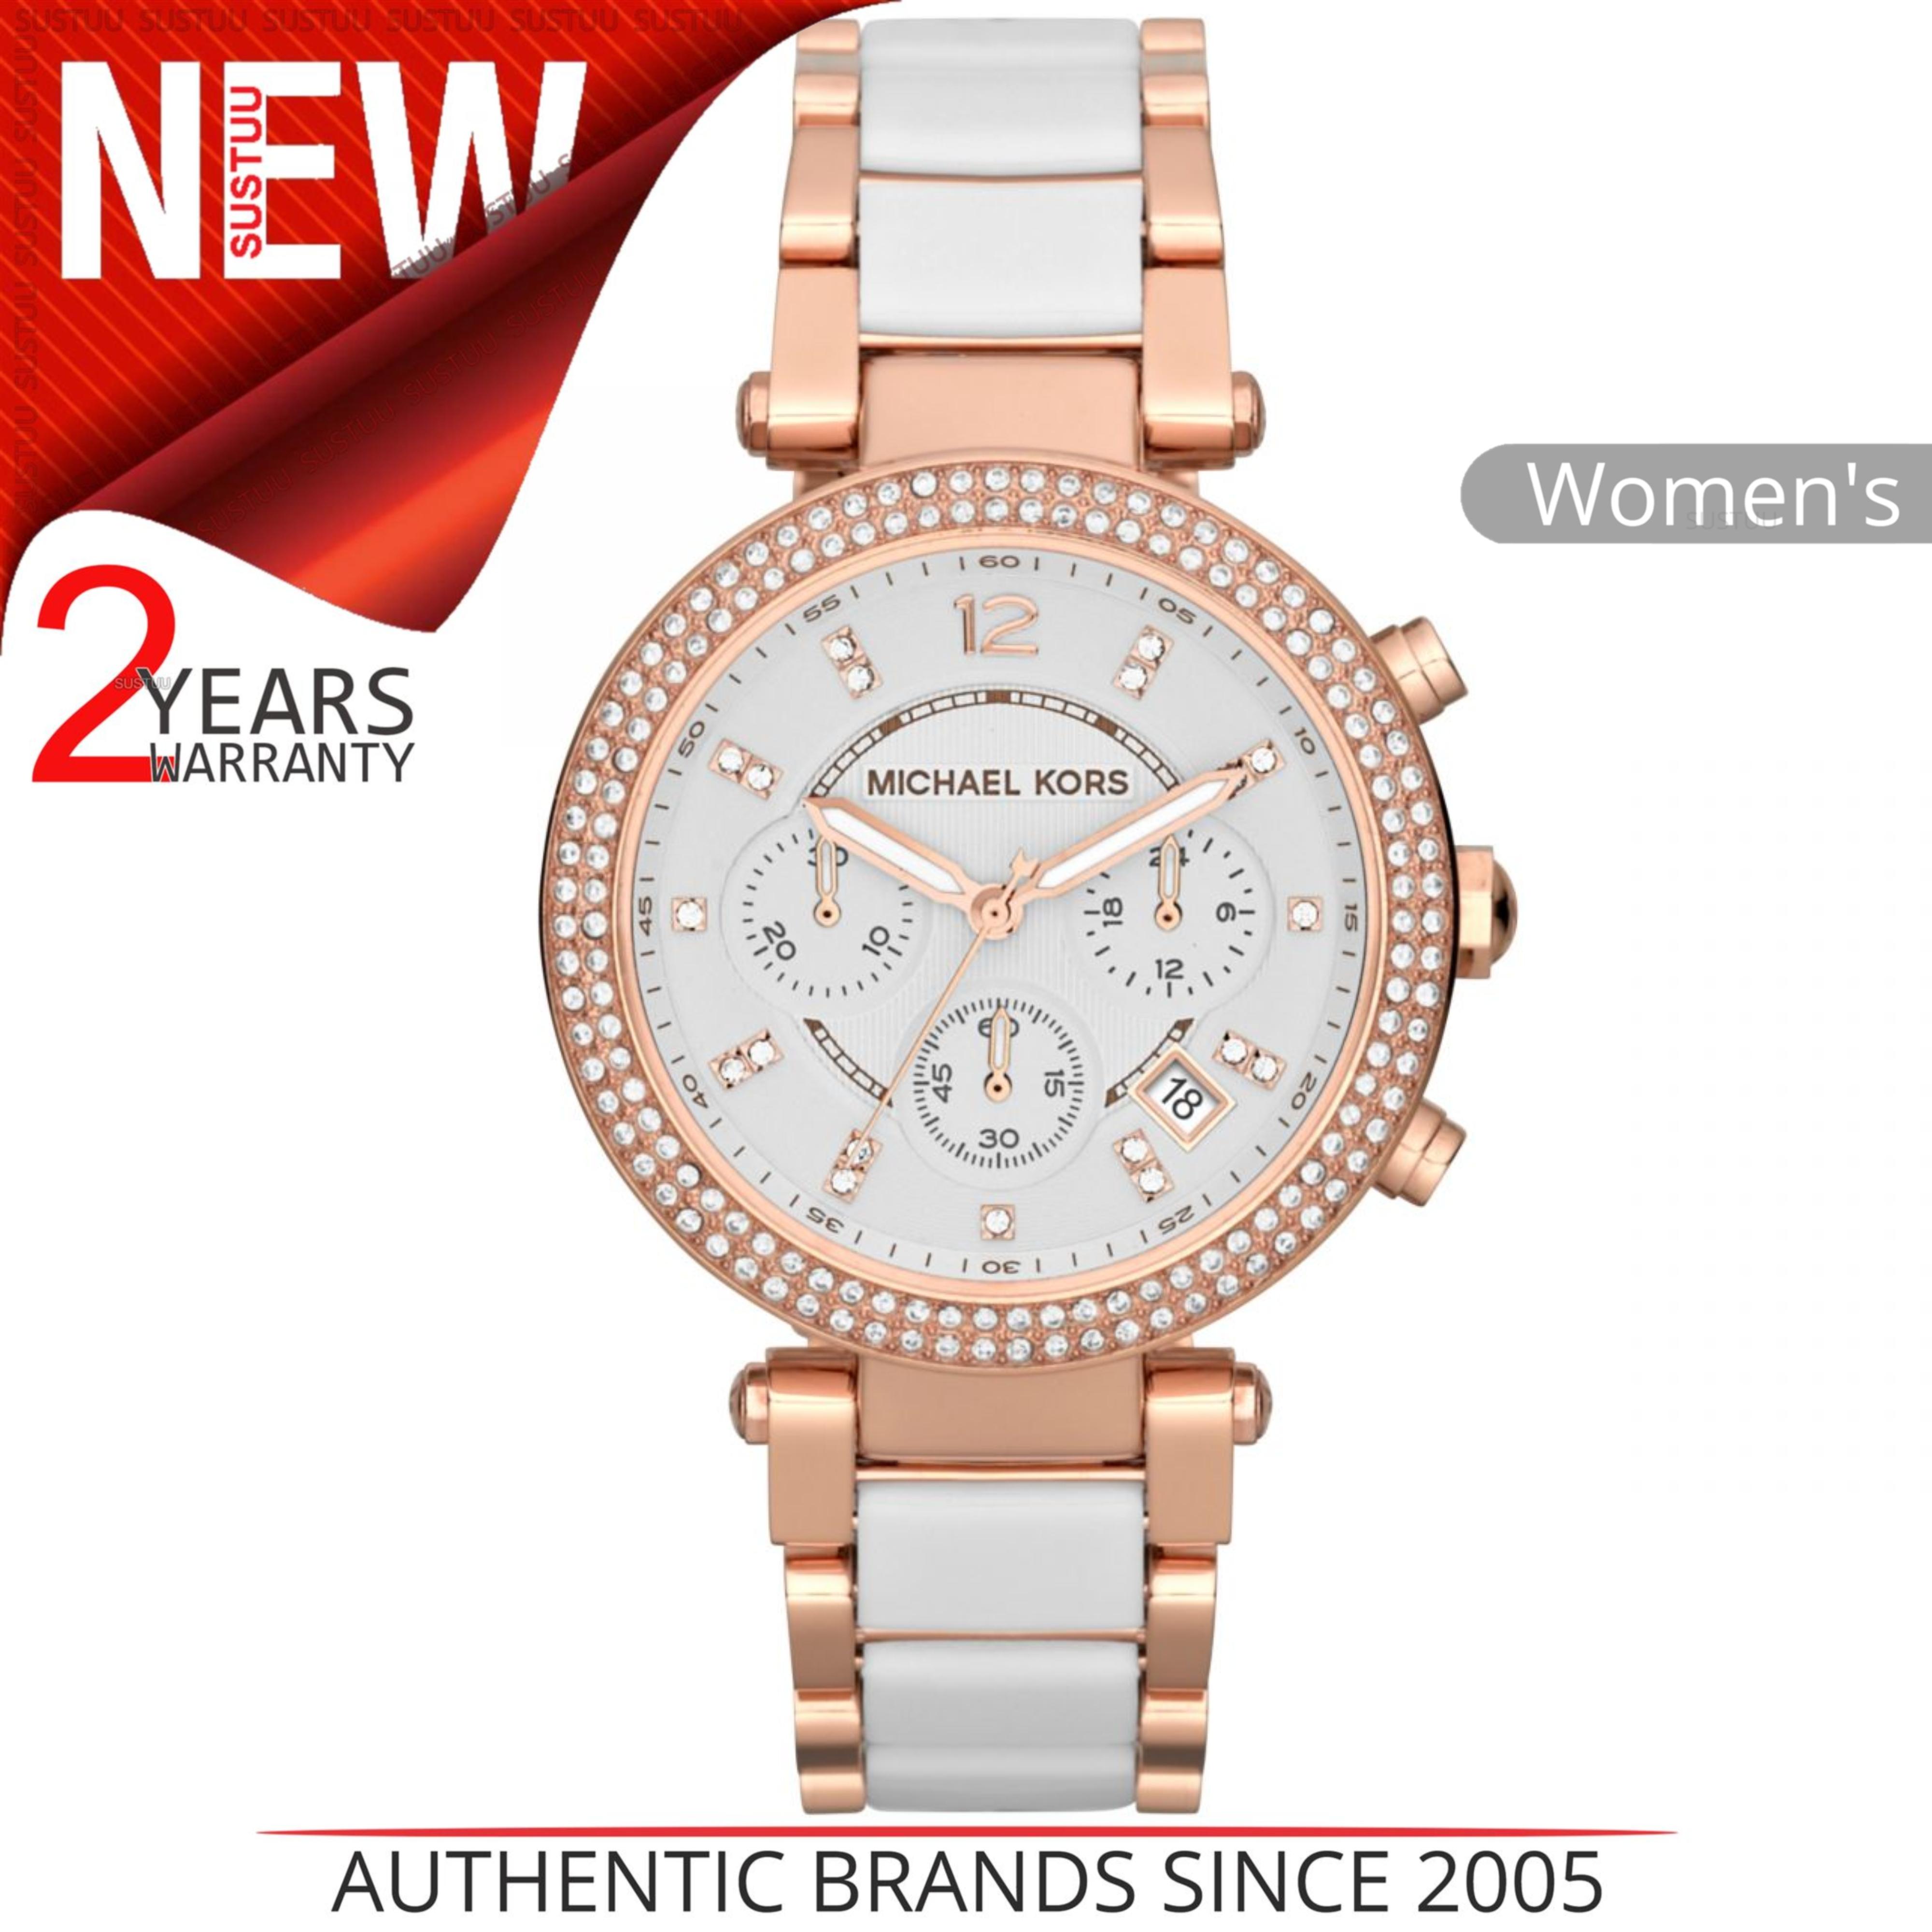 Details about Michael Kors Parker Ladies Watch│Chronograph Dial│Dual Tone  Bracelet Band│MK5774 929cab865ee